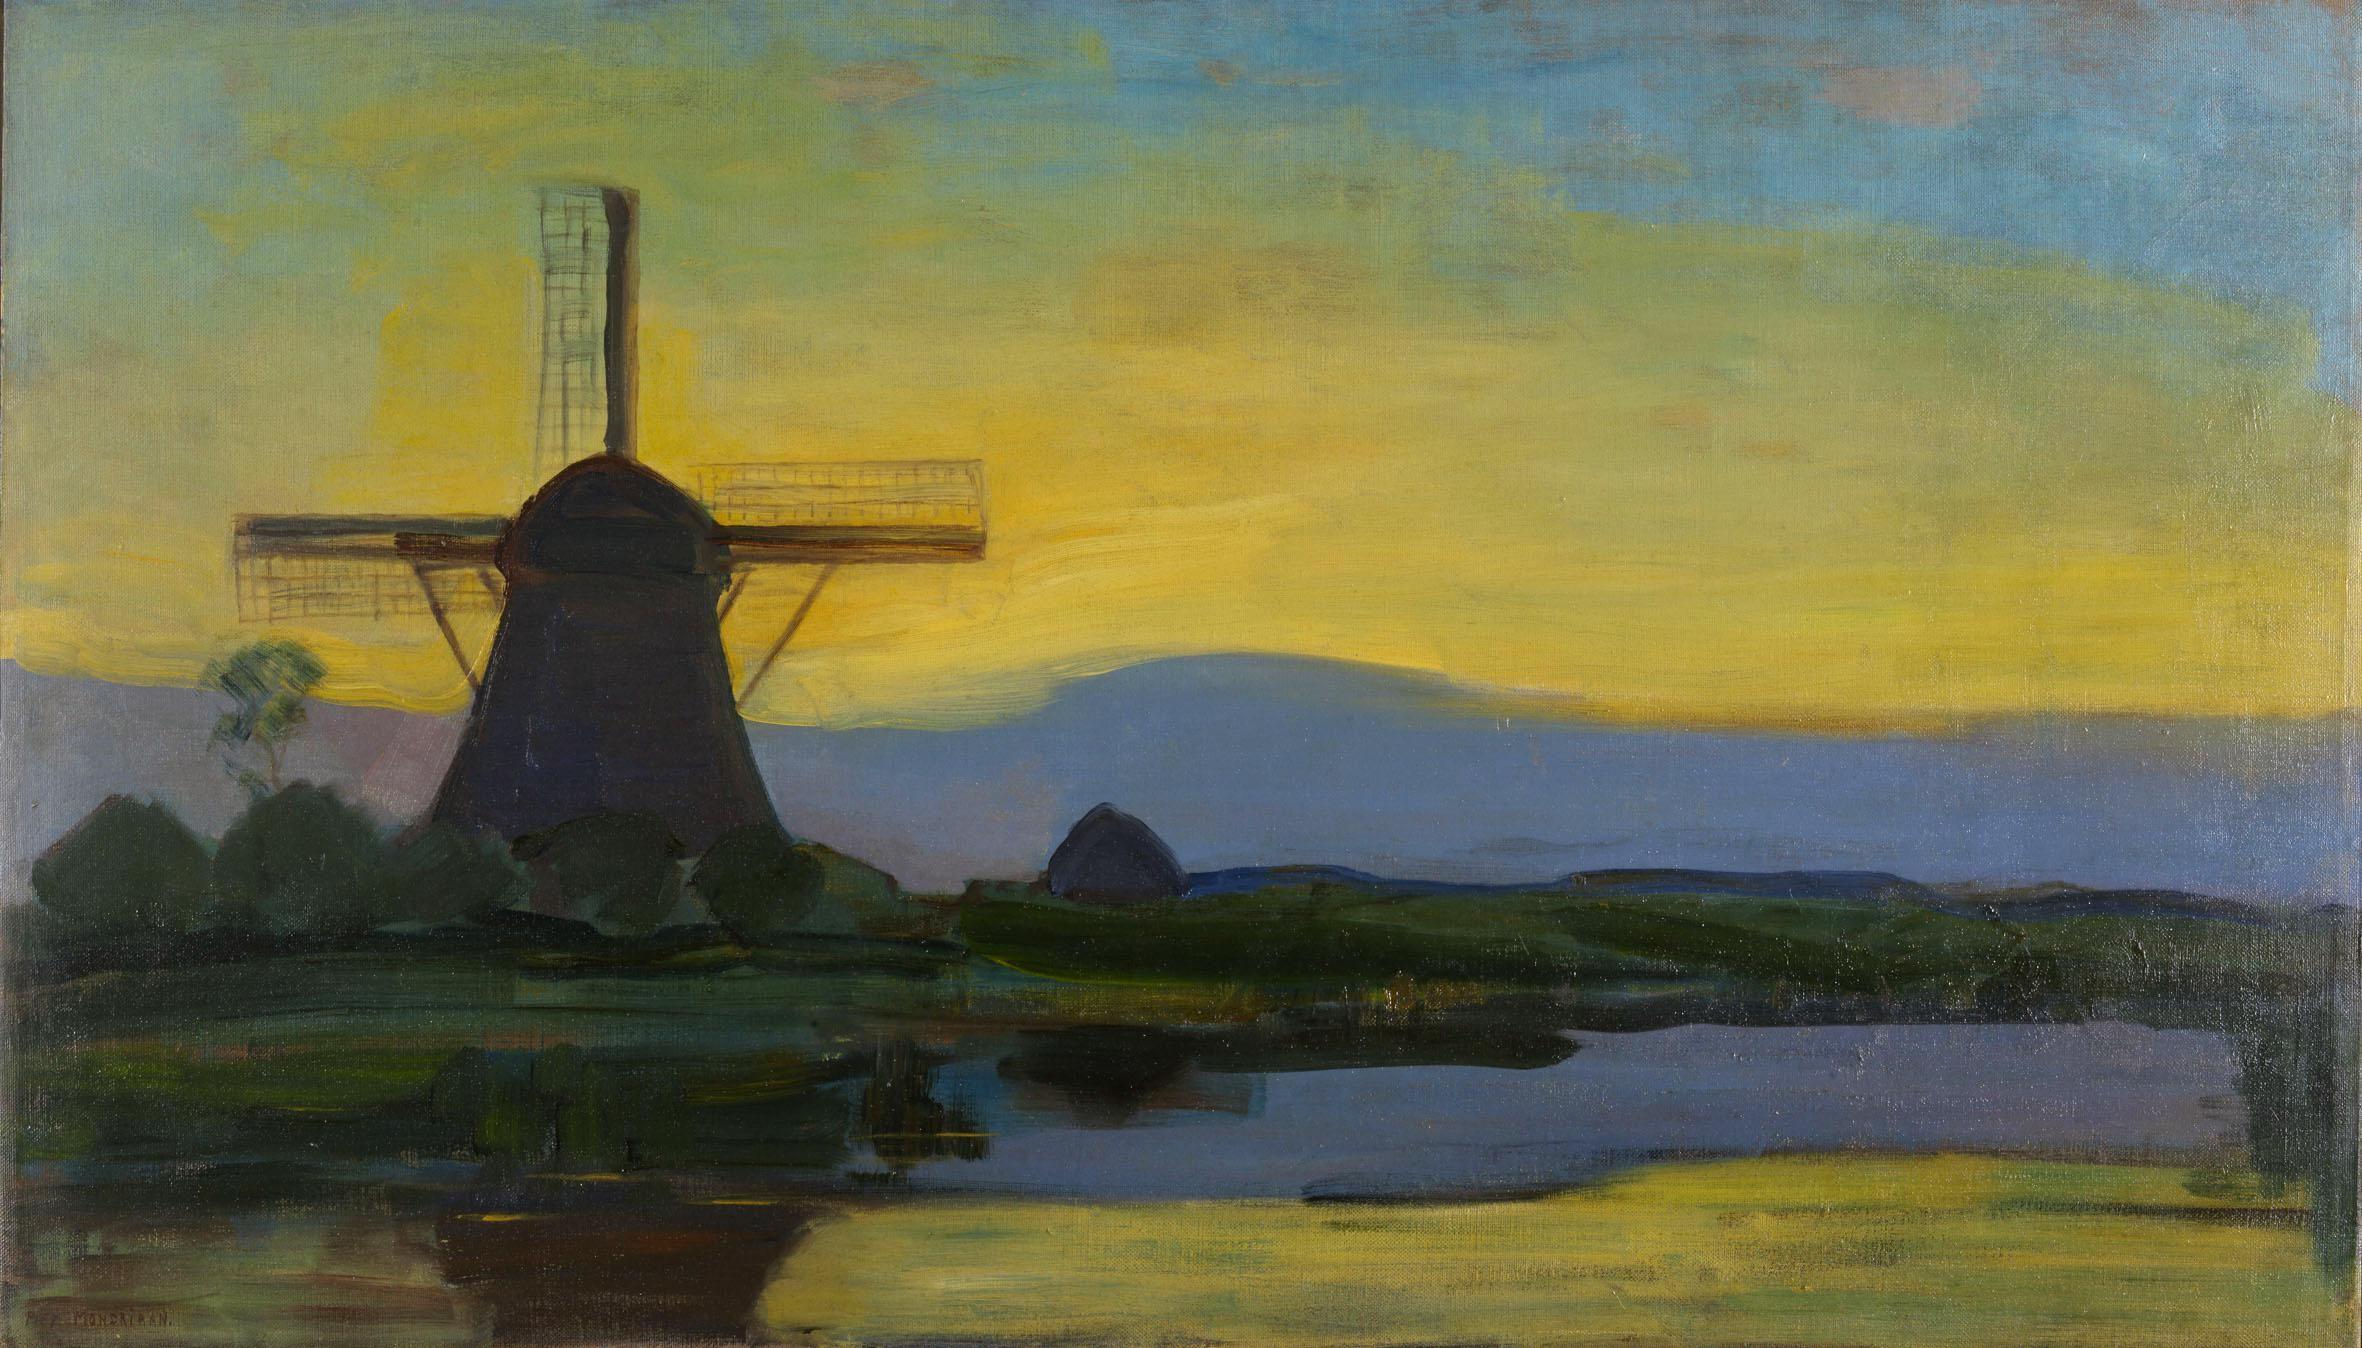 Paysage néerlandais au moulin, 1907 ou 1908, par Piet